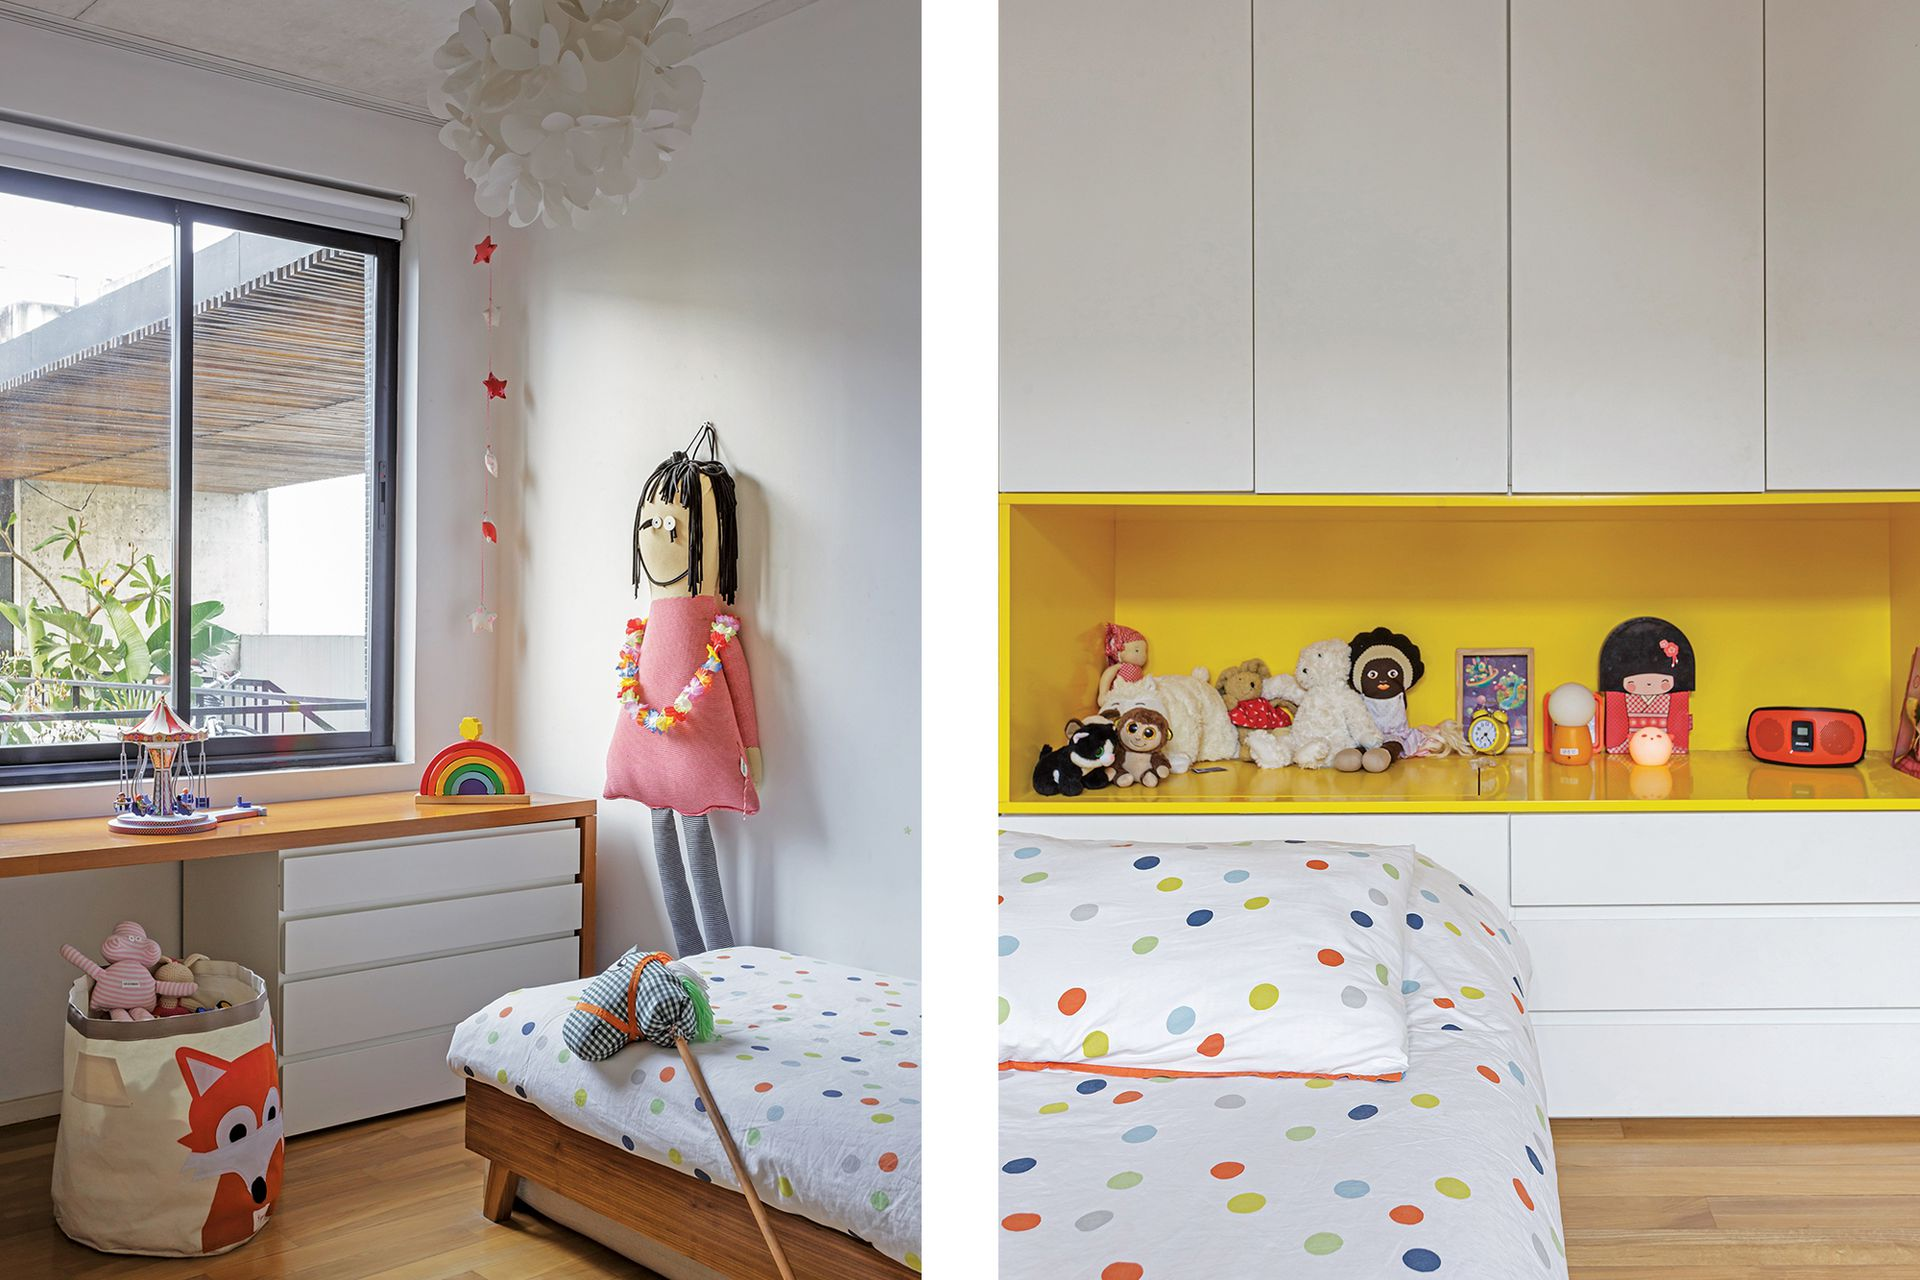 El cuarto infantil tiene muebles con frente de madera laqueada (diseño de Estudio G M GR), cama (Pipí Cucú) y muñeca (Sopa de Príncipes).